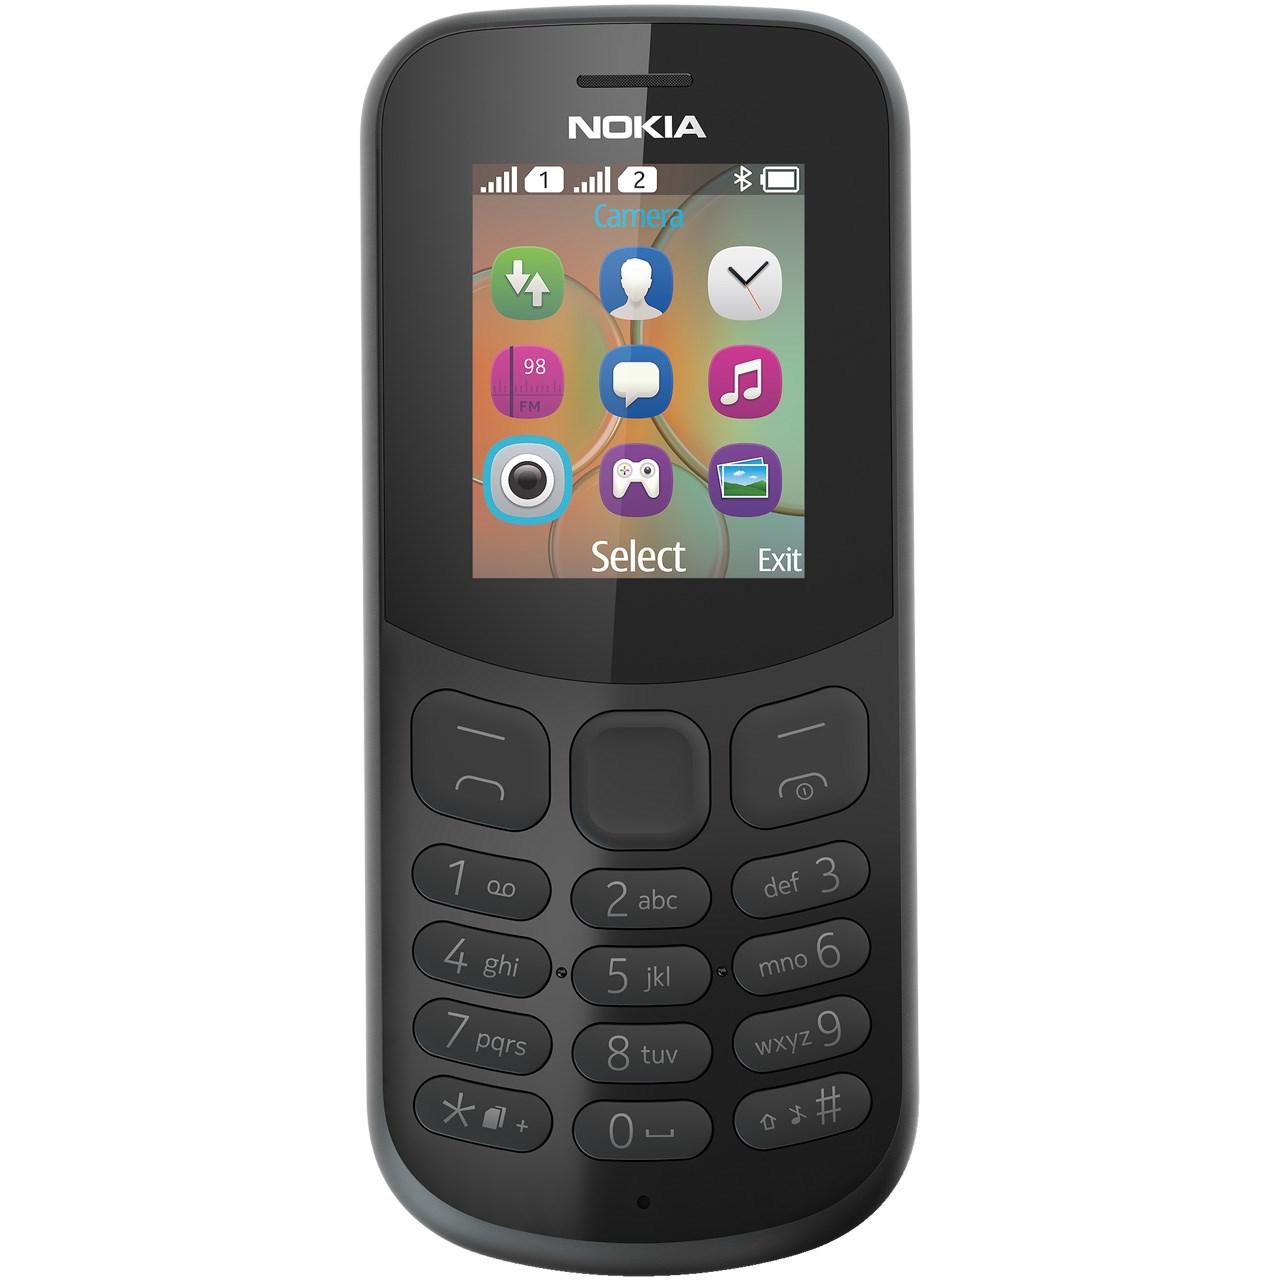 گوشی موبایل نوکیا مدل  (2017)130 دو سیم کارت - با برچسب قیمت مصرف کننده